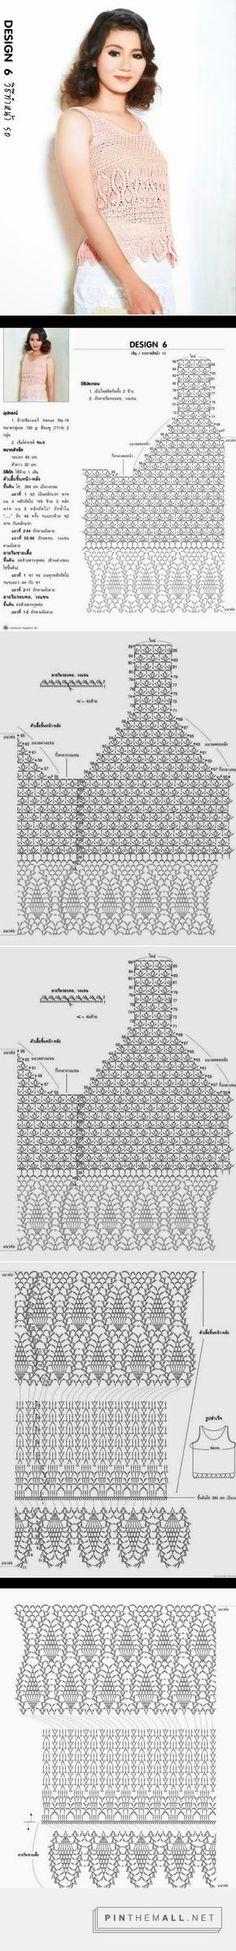 Mejores 200 imágenes de Gráficos en Pinterest en 2018 | Crochet ...